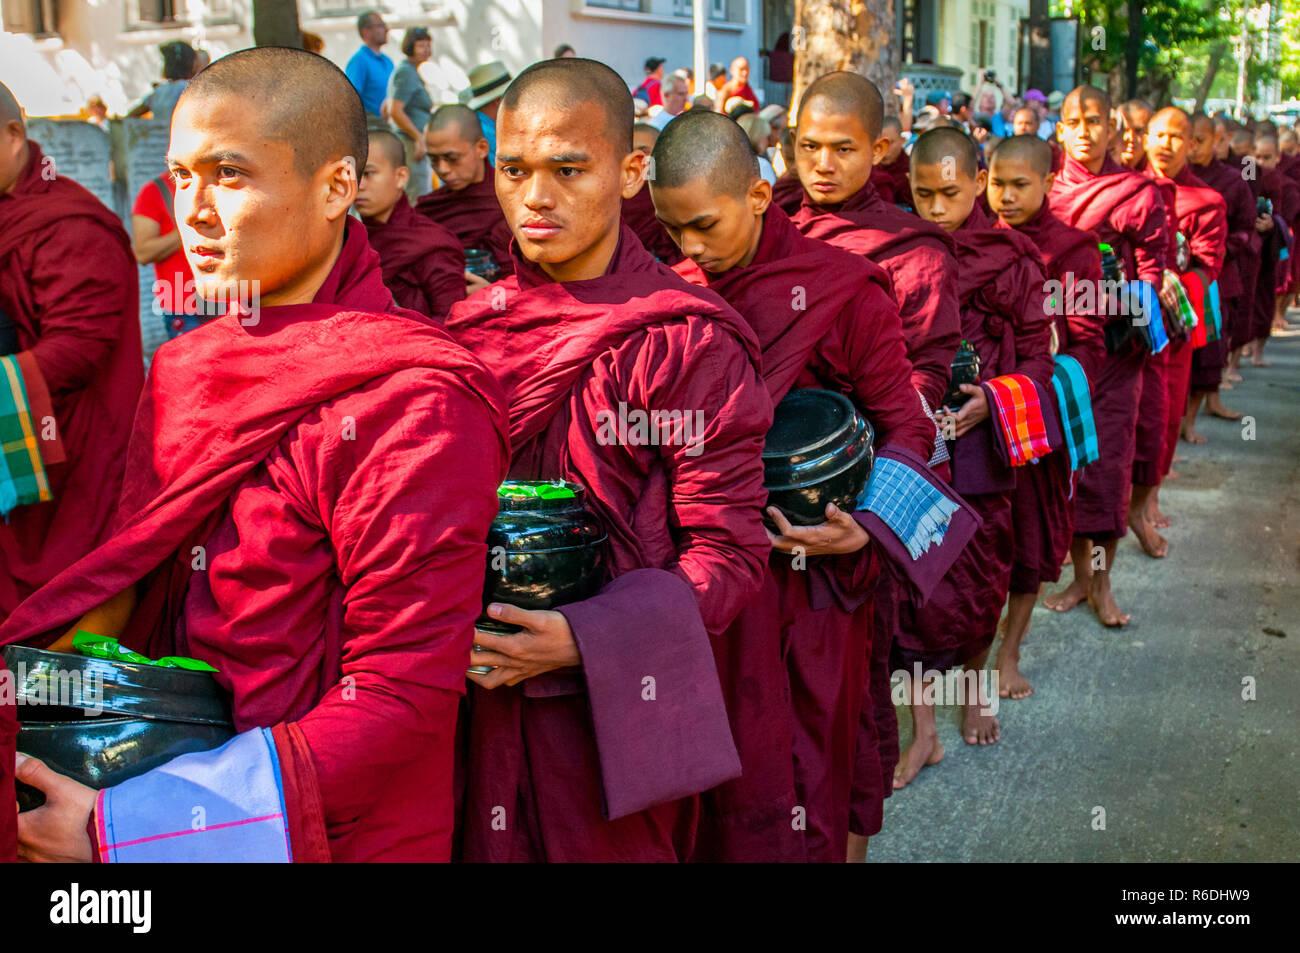 Novicios budistas caminar para recoger limosnas y ofrendas en Amarapura, cerca de Mandalay, Myanmar esta procesión se celebra cada día Imagen De Stock